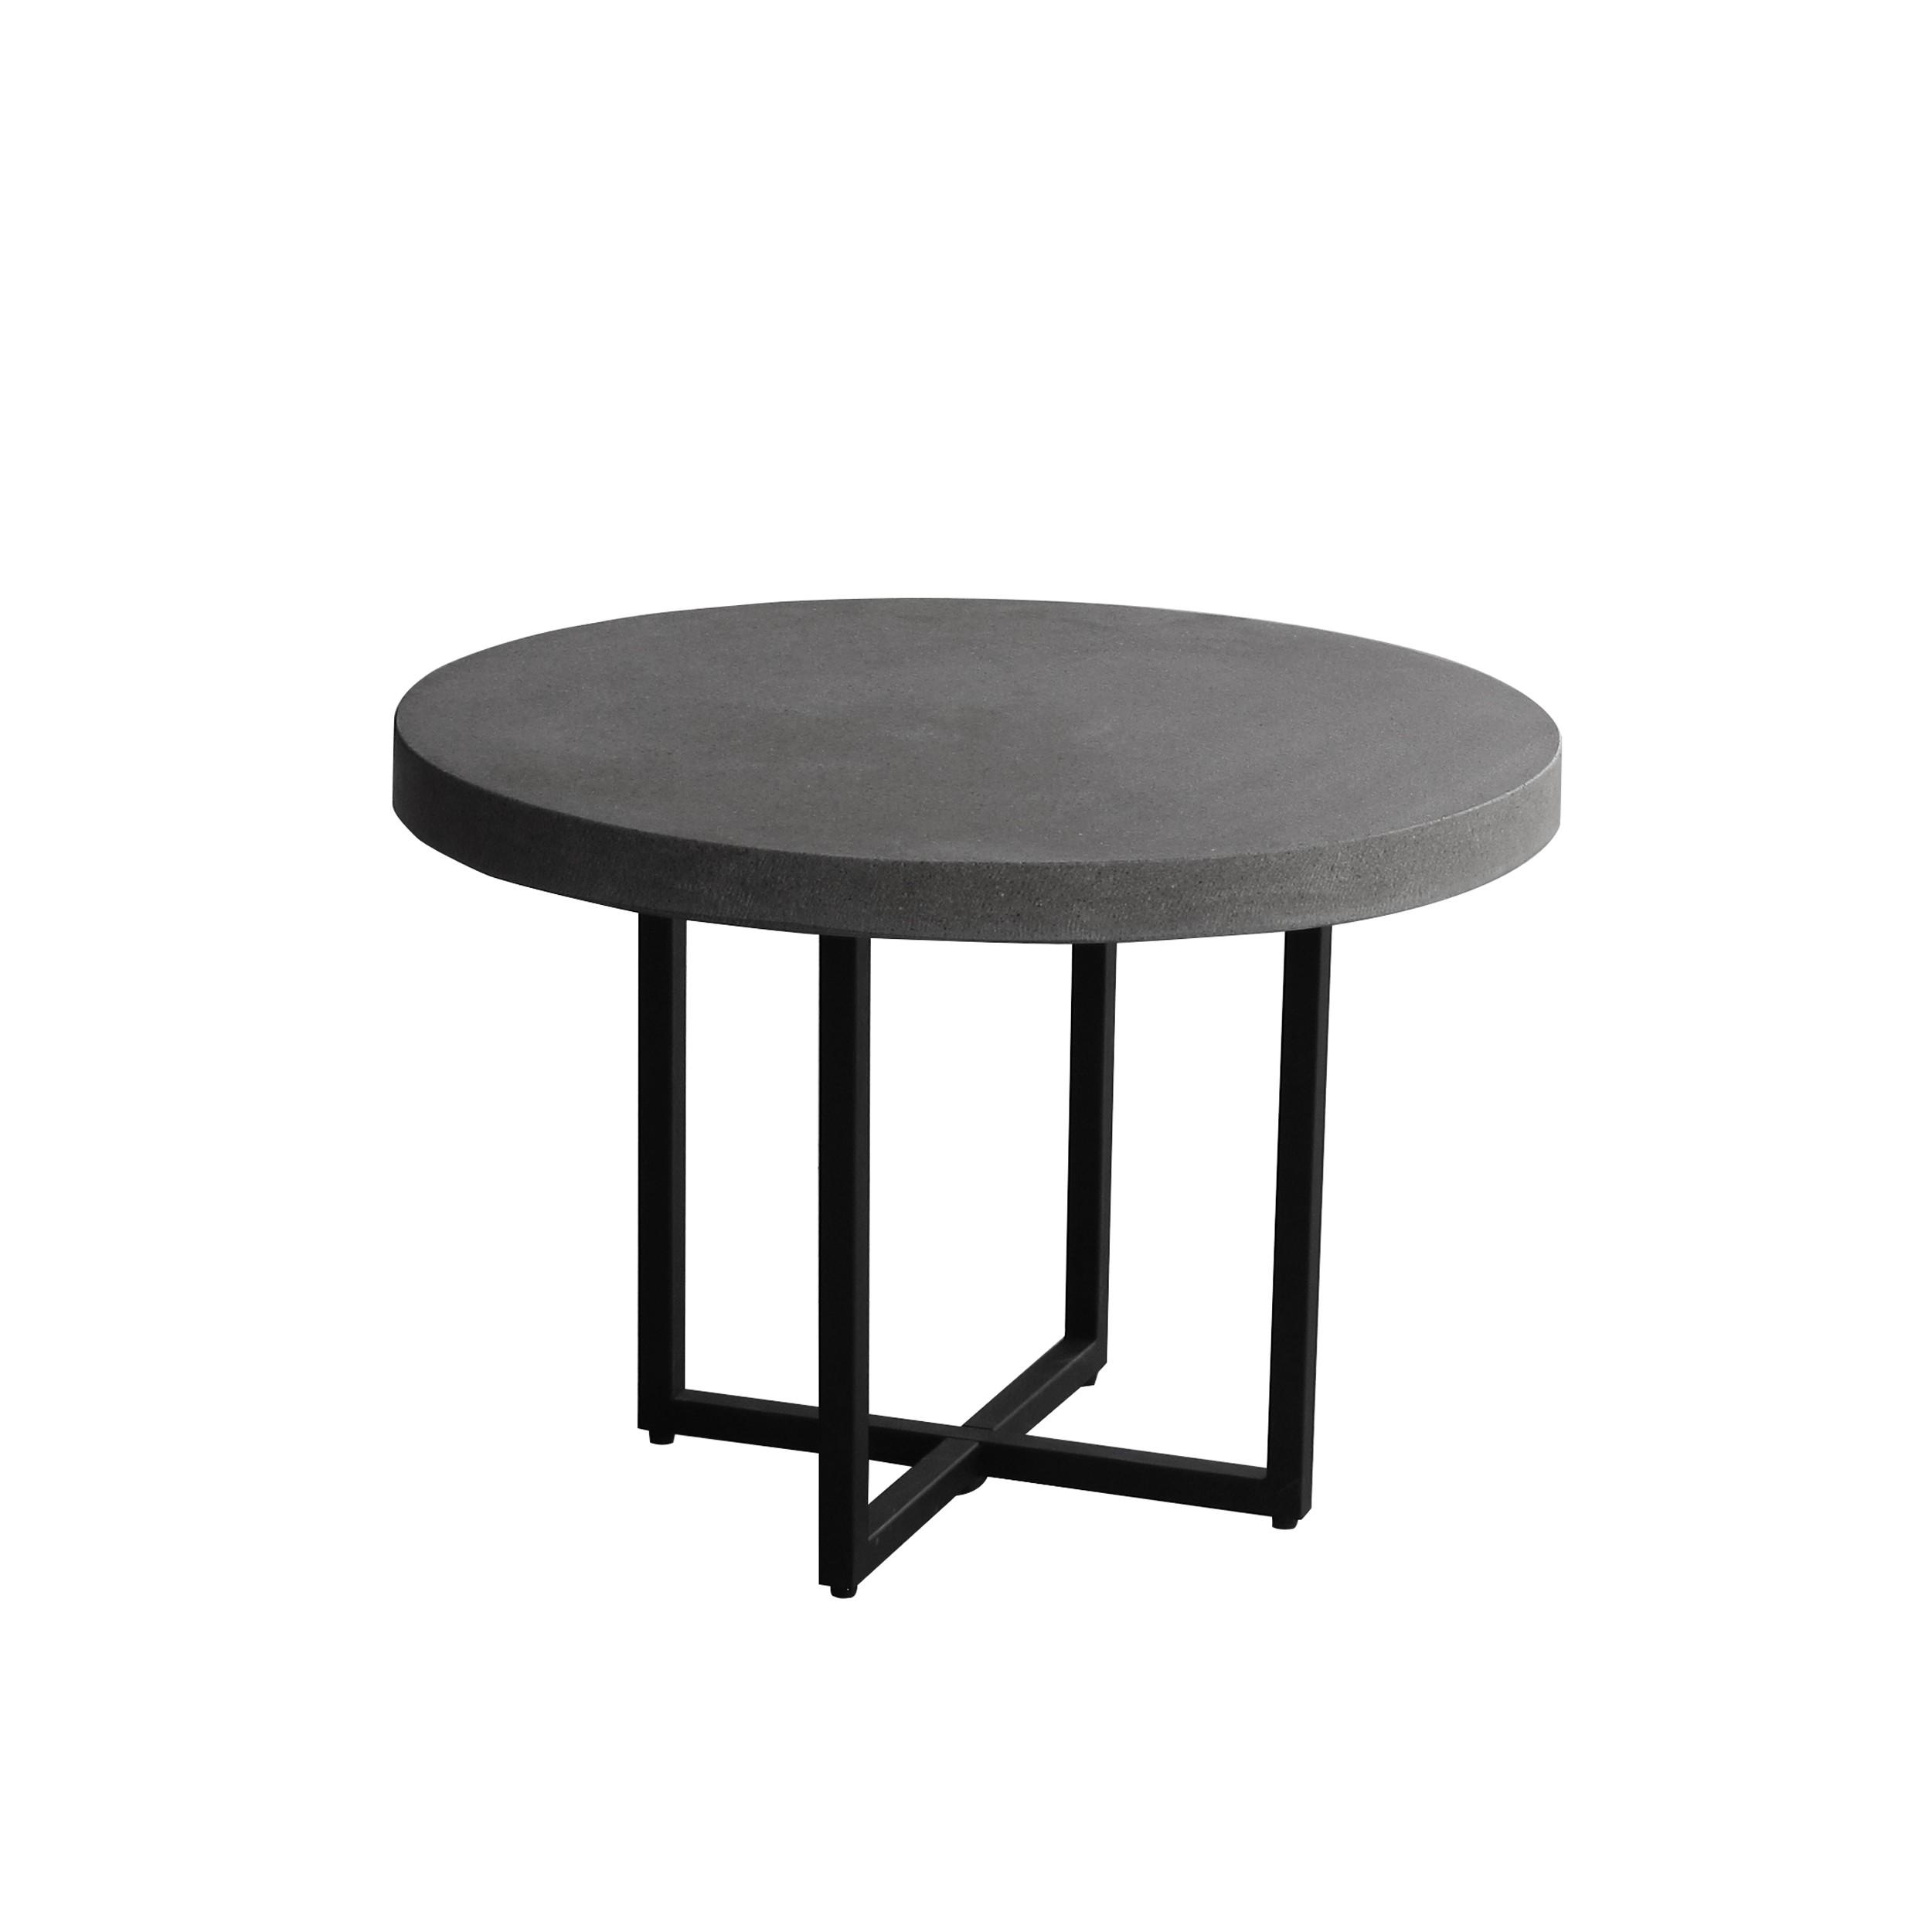 Table basse ronde aitu 50 cm commandez nos tables basses for Table ronde design 6 places